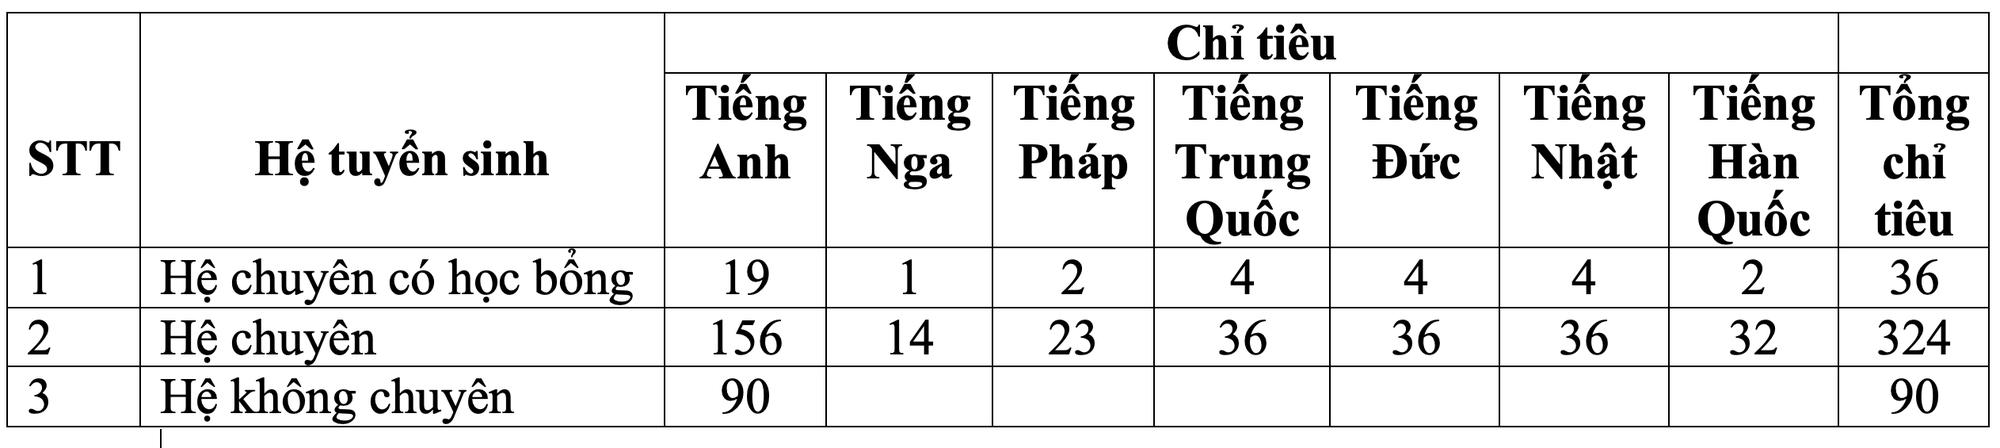 Chi tiết chỉ tiêu và thời gian tuyển sinh vào lớp 10 các trường THPT điểm tại Hà Nội - Ảnh 1.